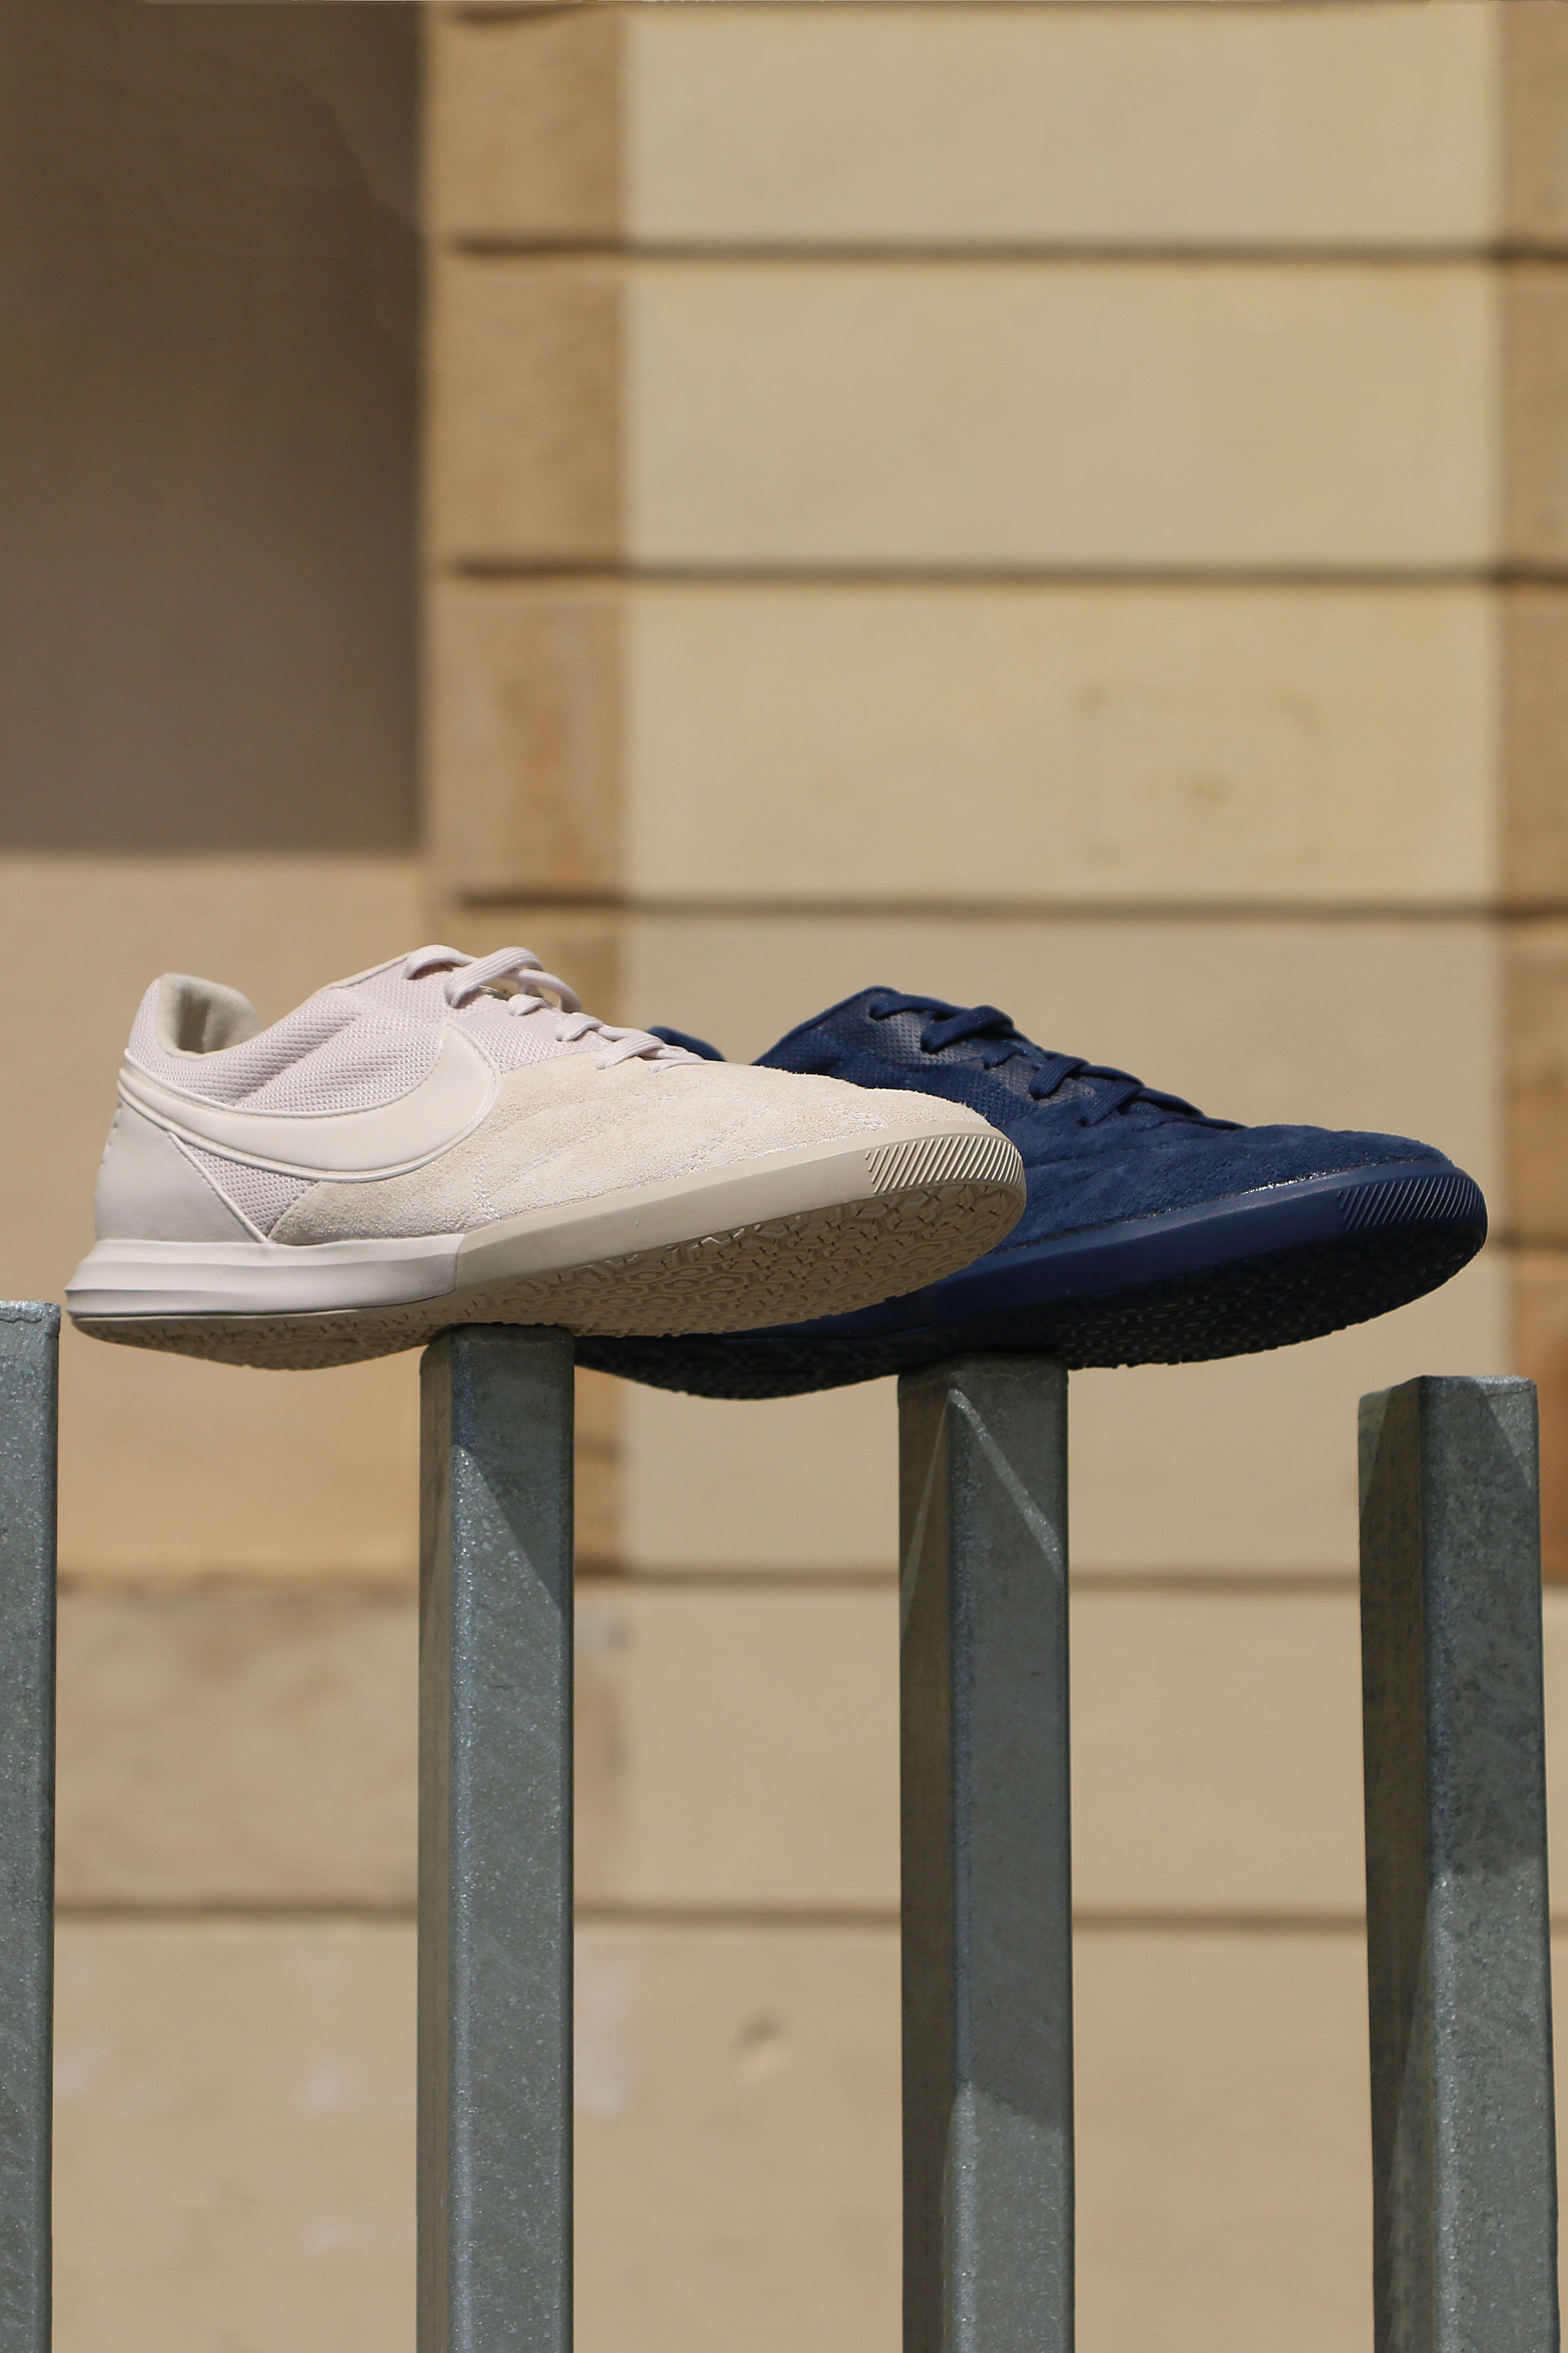 Novedades Fútbol Ic Sala Suela De Piel Nike Zapatillas Lisa g5wq80nn